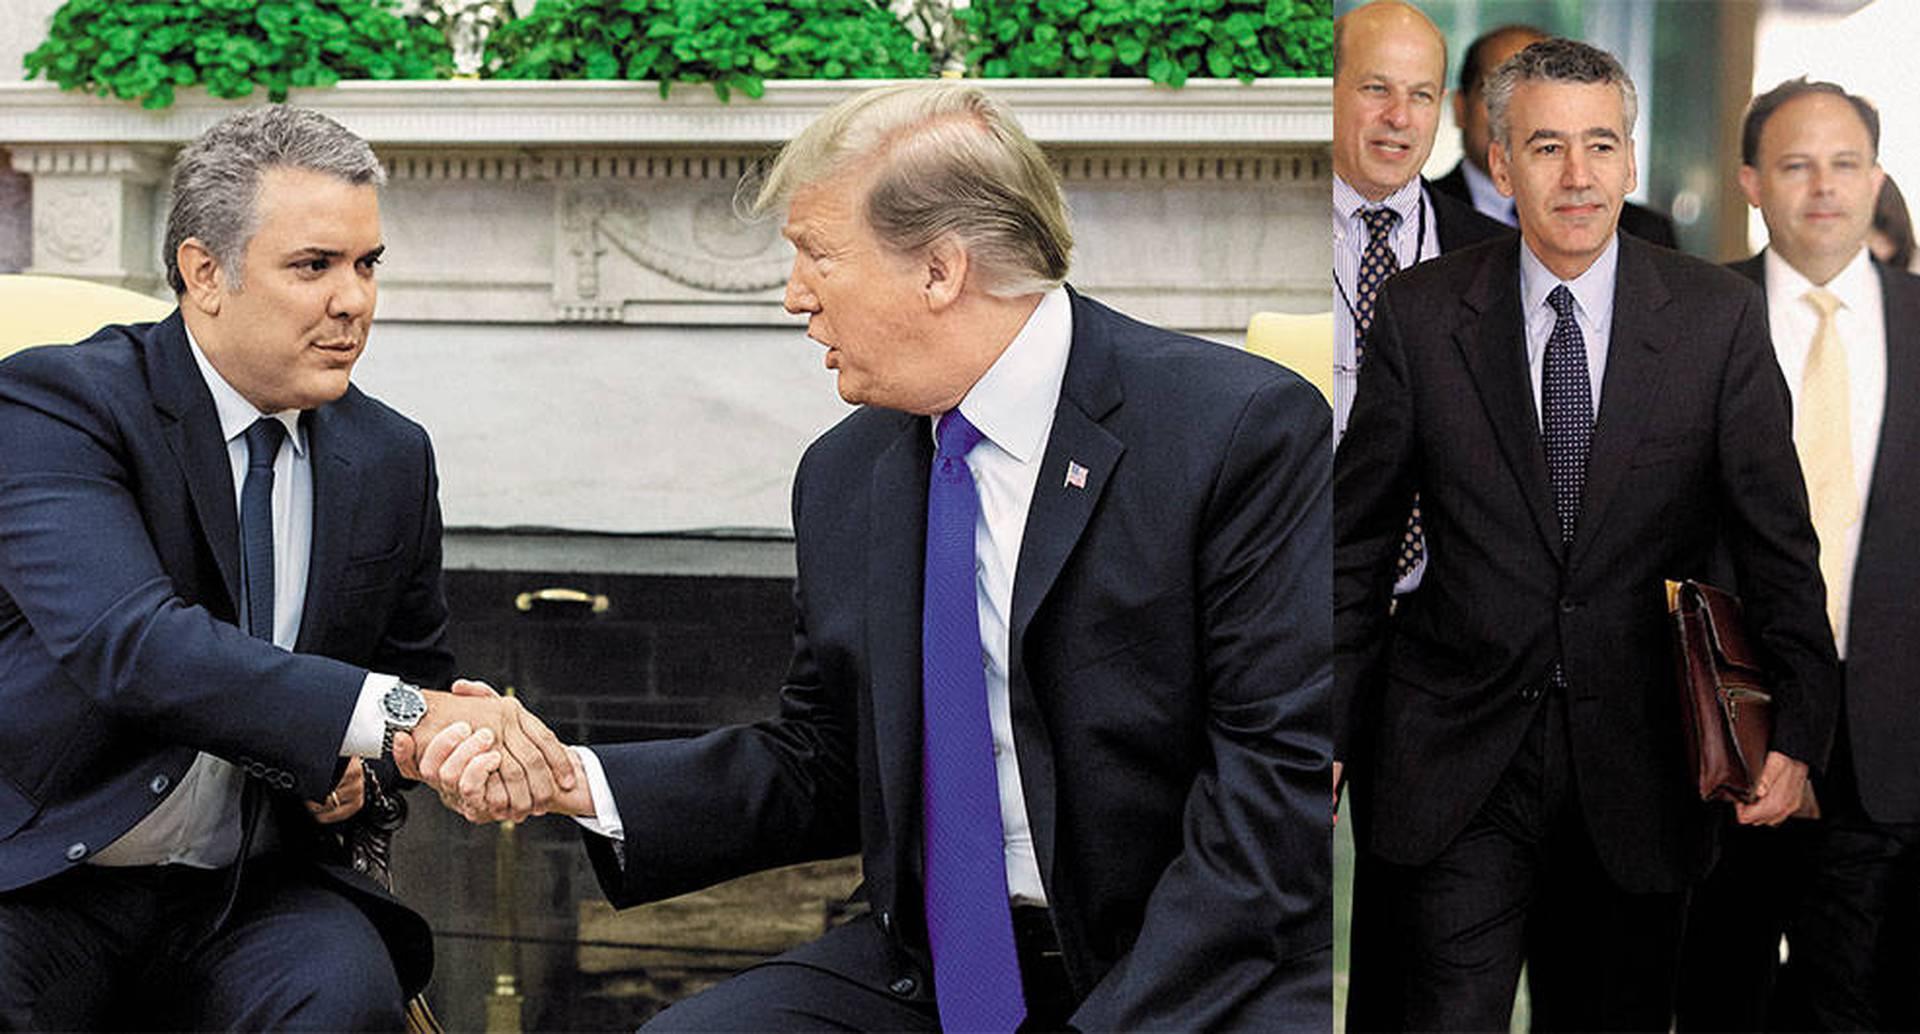 Duque y Trump, y el hecho de que hubieran coincidido en sus presidencias, marcan una ruptura total con los elementos que durante los últimos años habían articulado la relación de Colombia y Estados Unidos. A la derecha, el nuevo embajador de Estados Unidos en Colombia, Philip S. Goldberg, quien se acreditó a comienzos de septiembre.